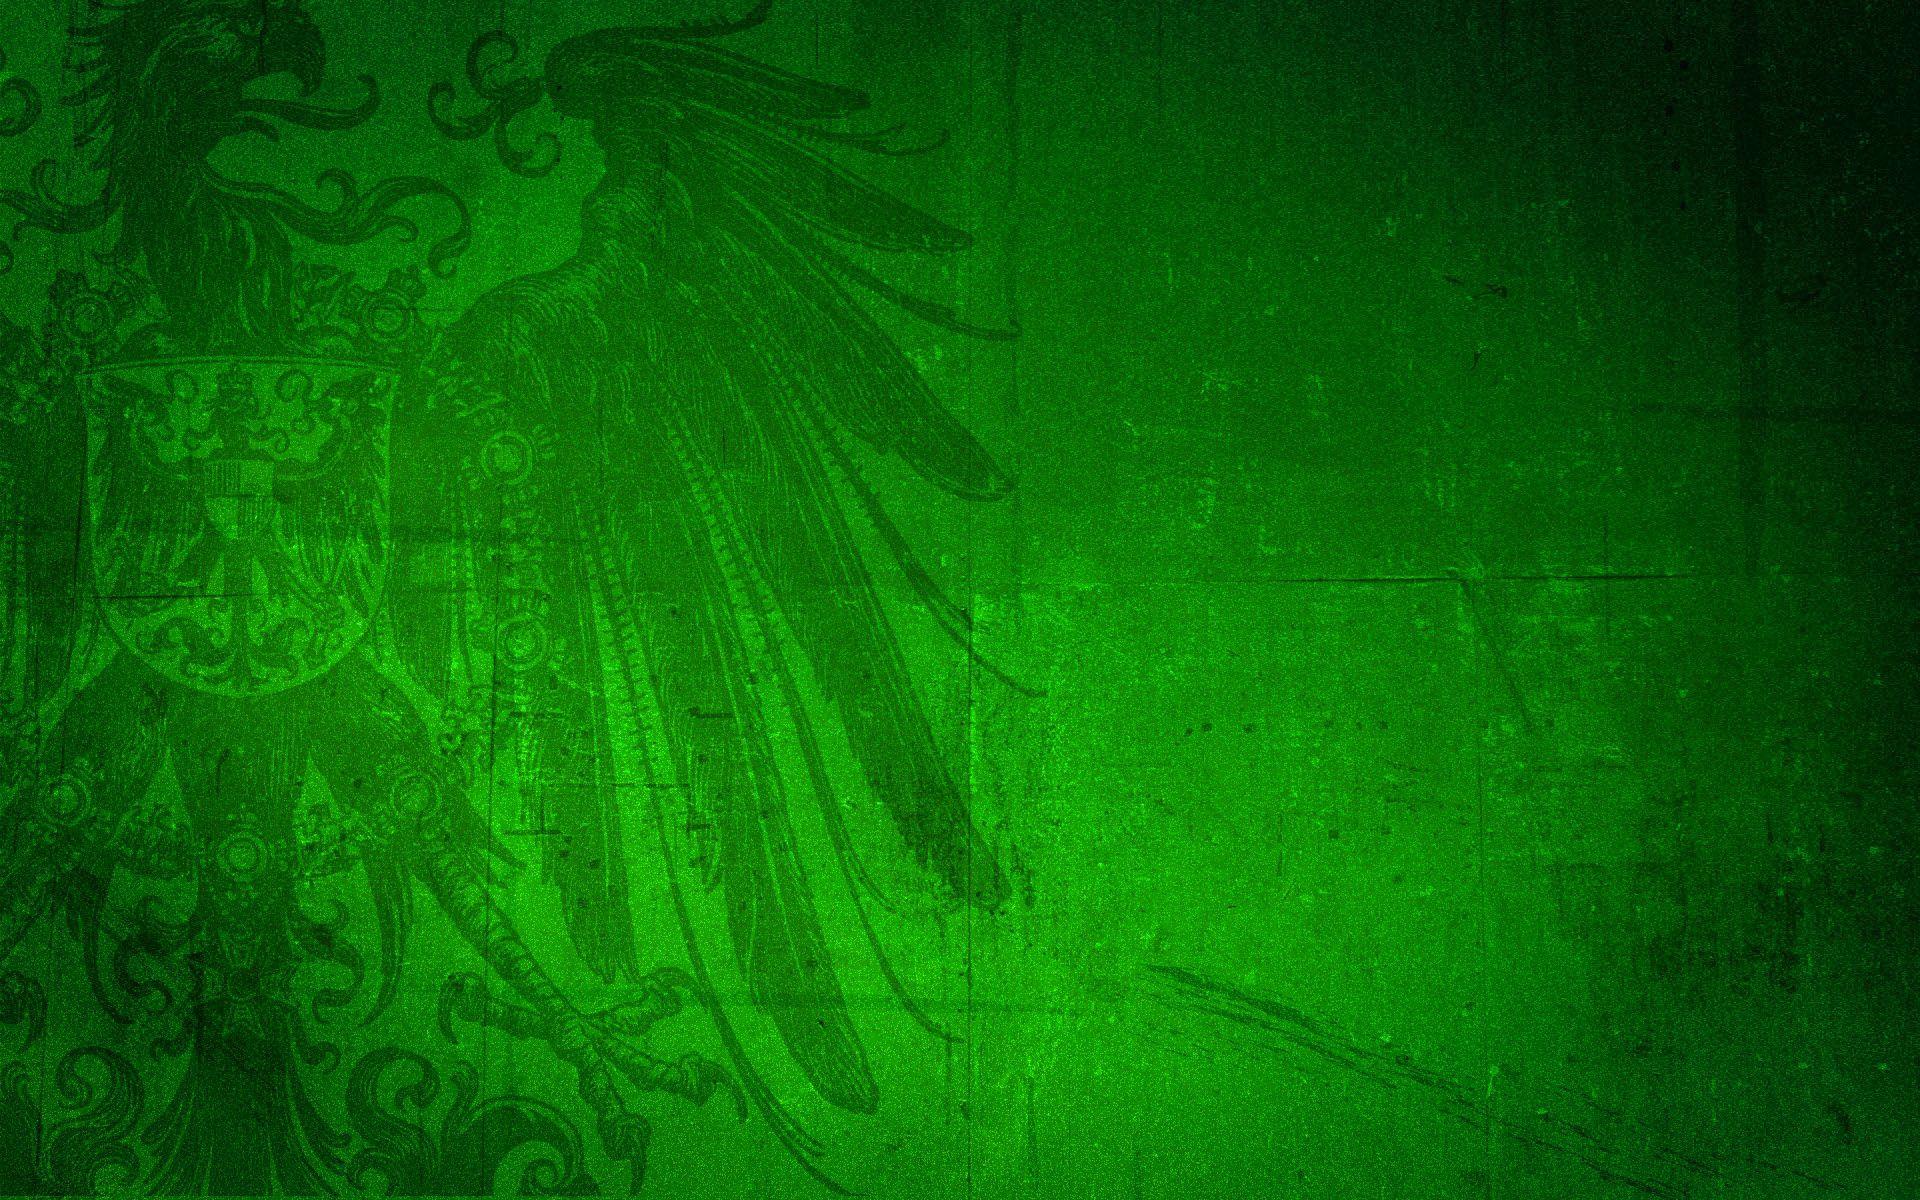 100535 Hintergrundbild herunterladen Hintergrund, Wappen, Dunkel, Textur, Texturen, Adler, Symbolismus, Symbolik - Bildschirmschoner und Bilder kostenlos